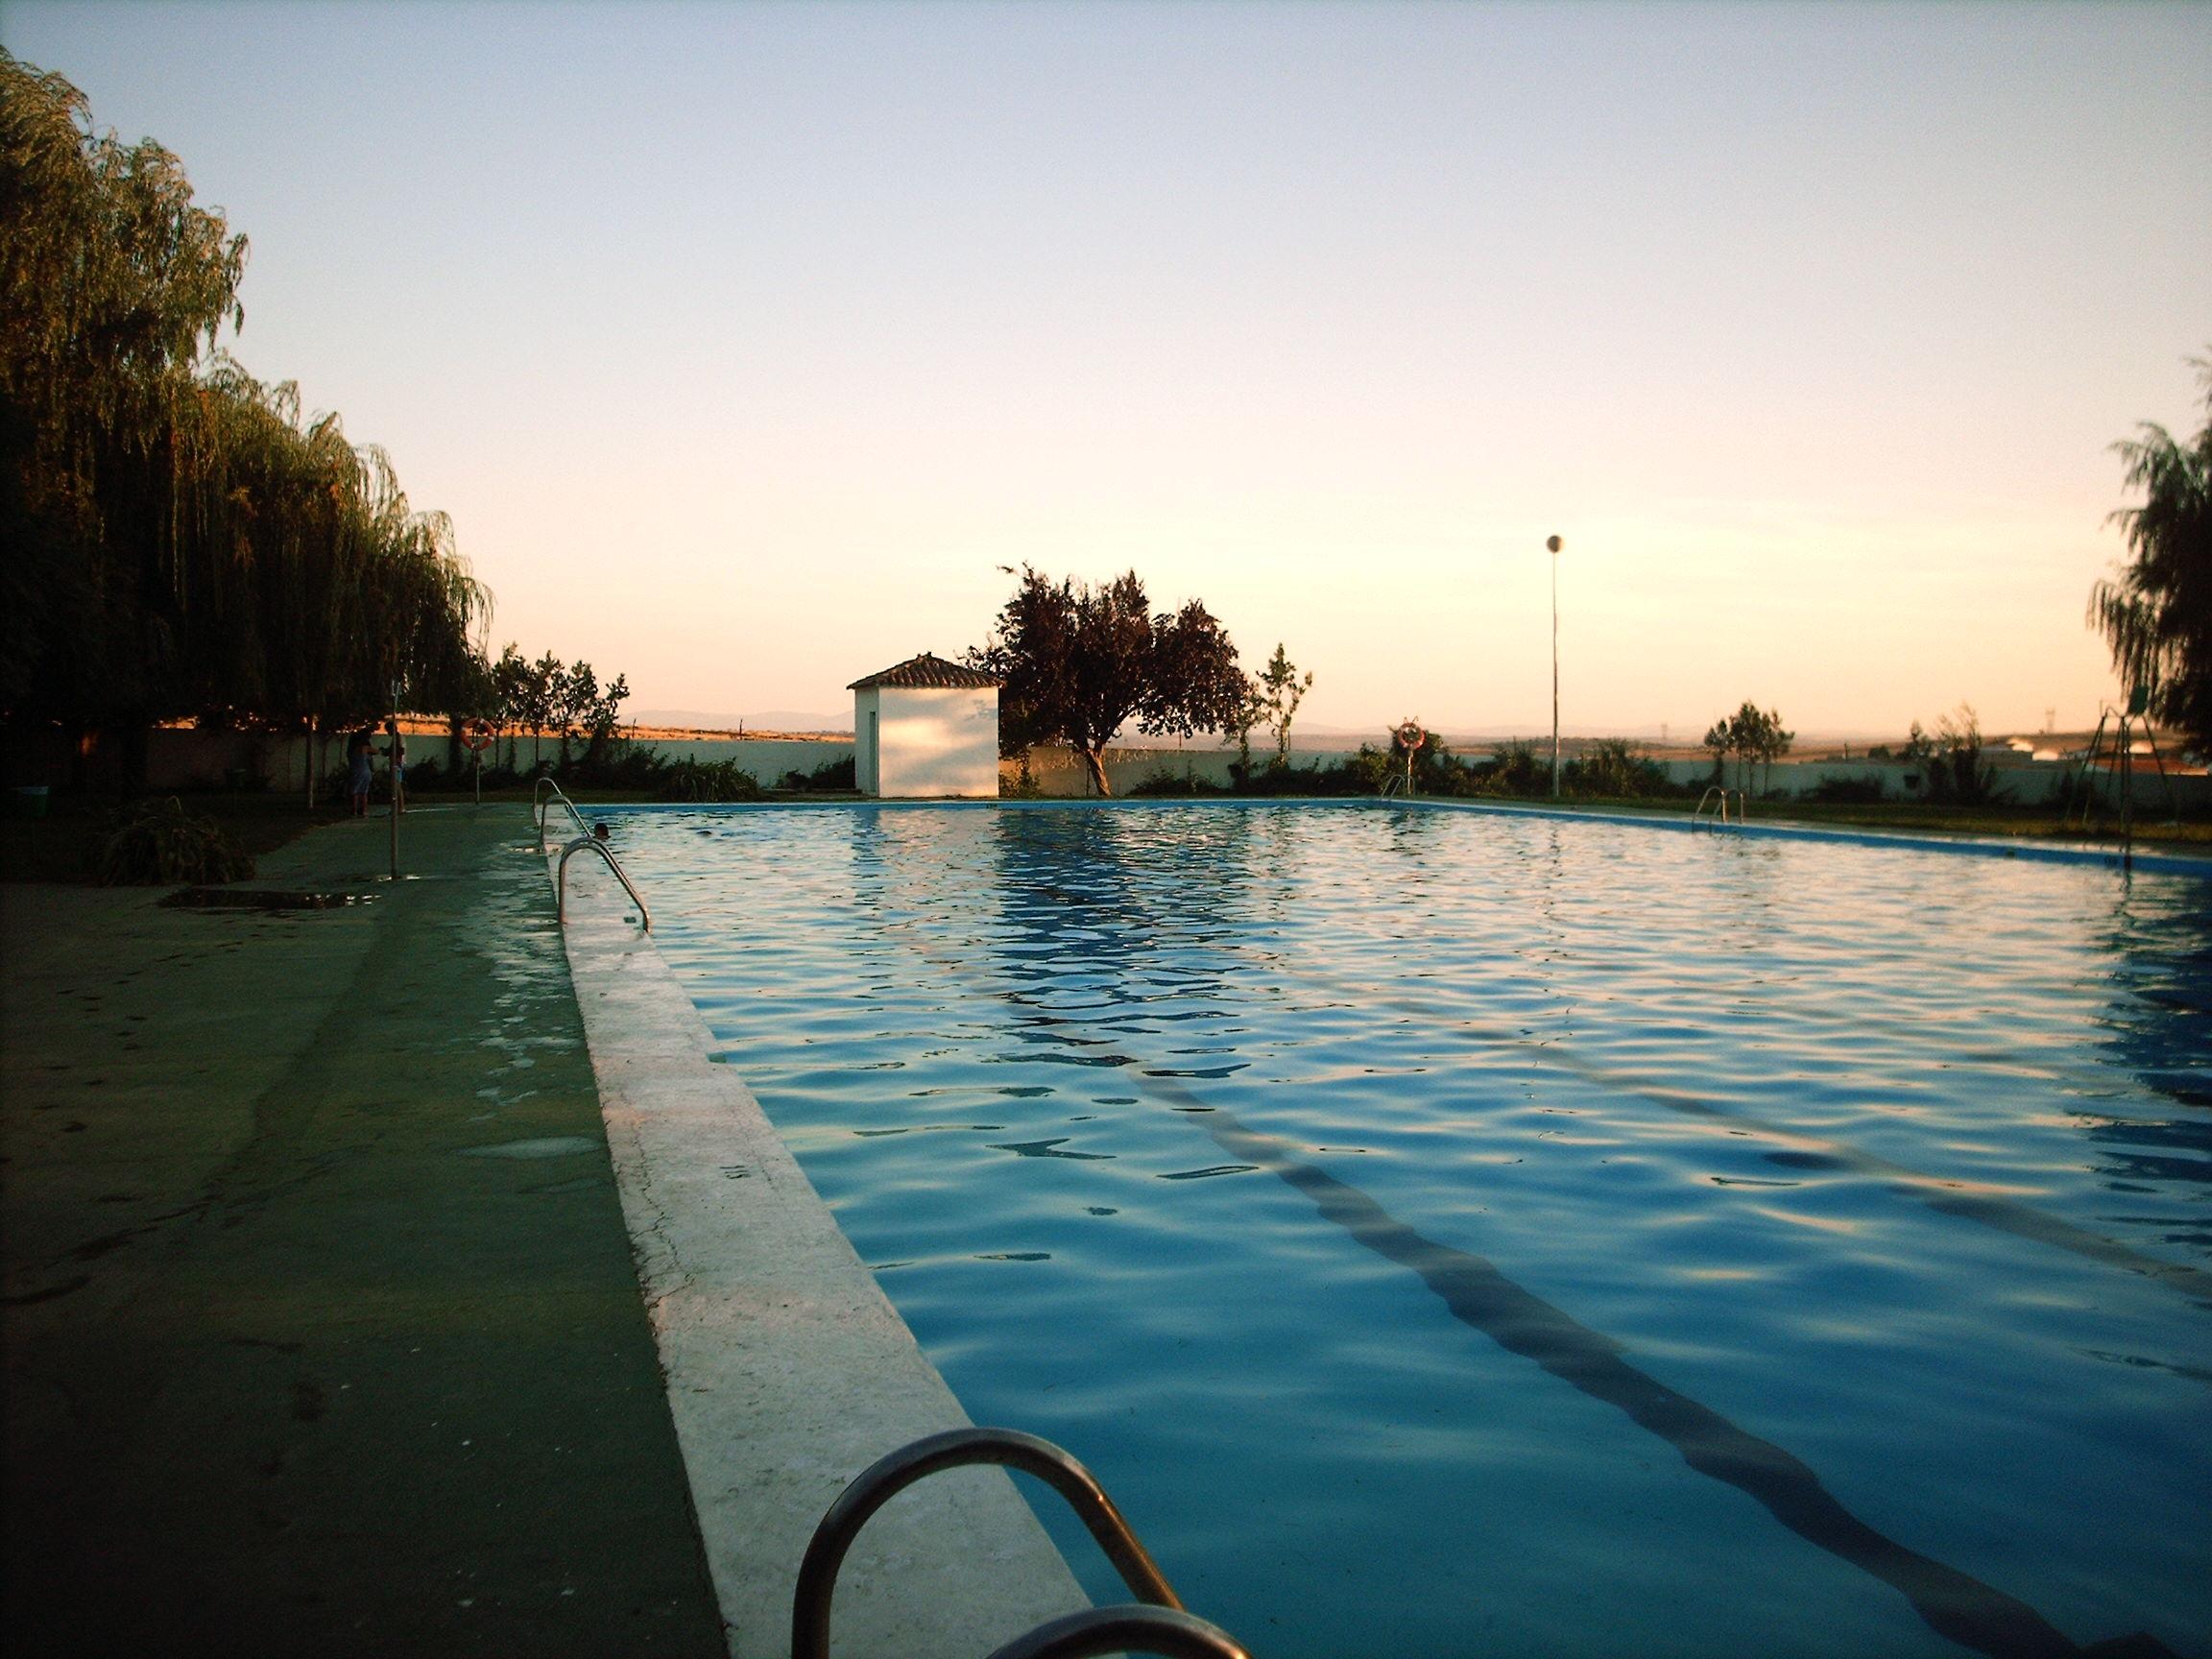 Archivo piscina medina de las torres jpg wikipedia la for Piscina wikipedia